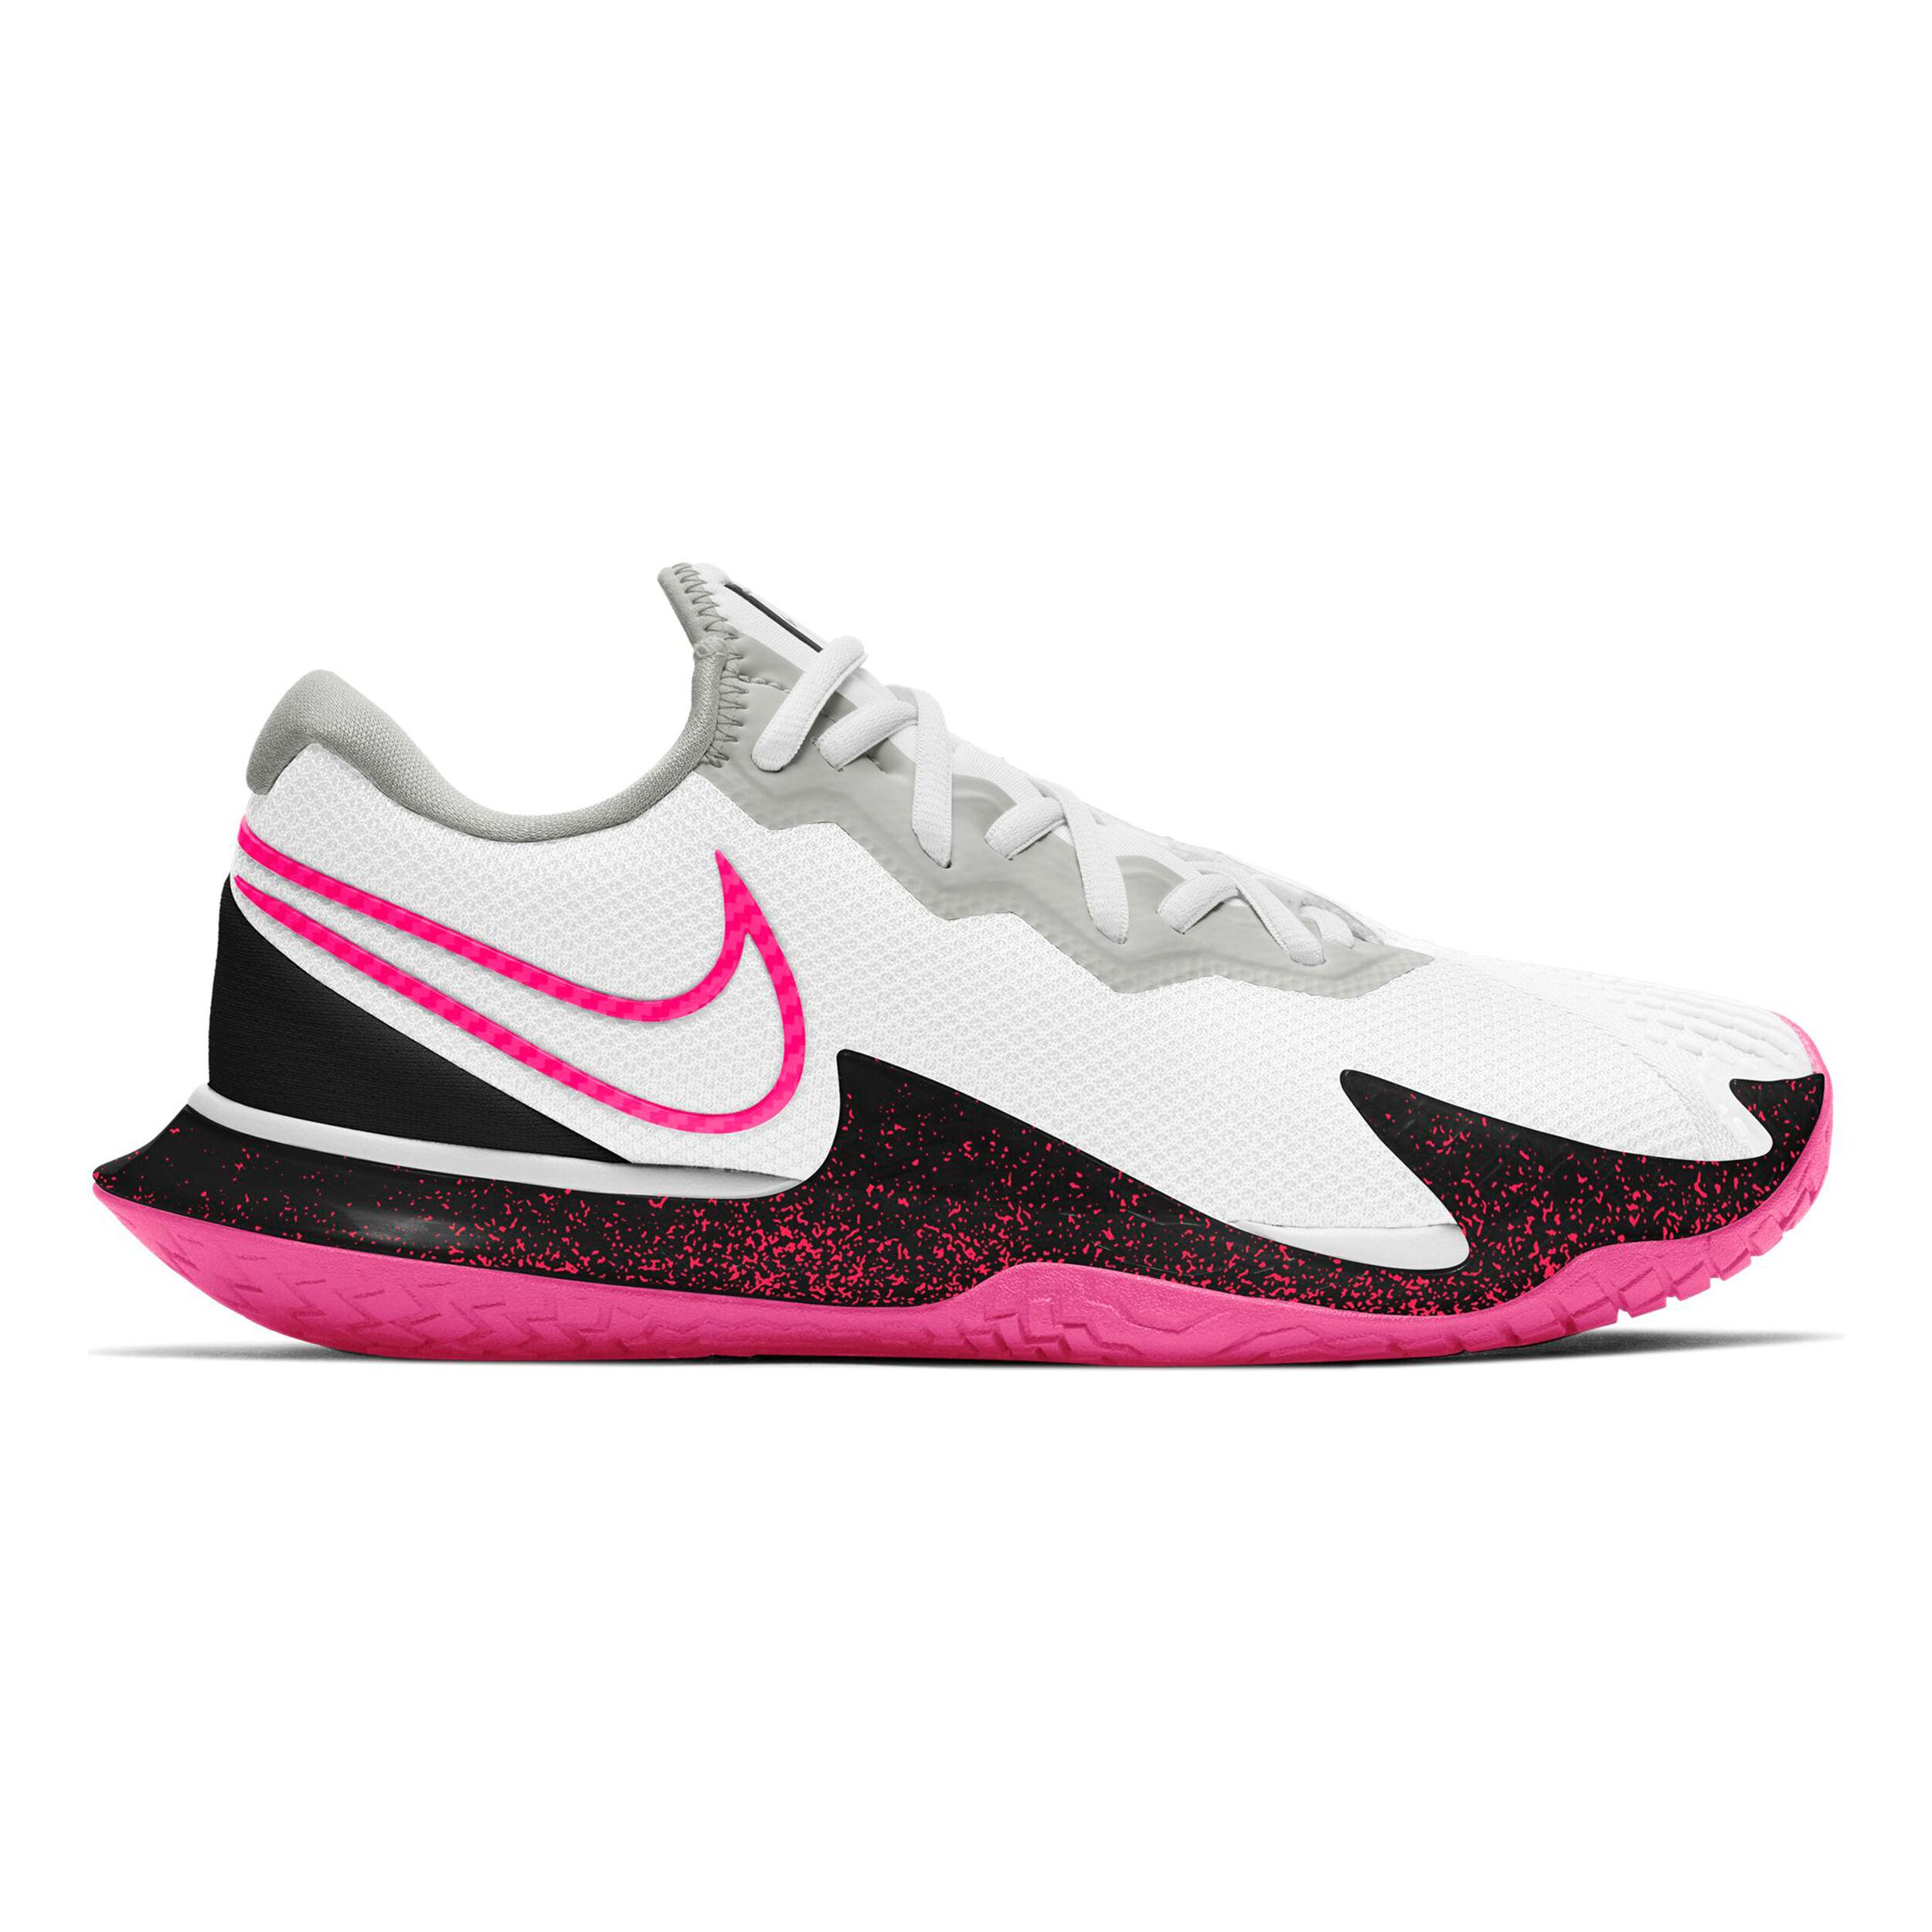 Nike New York Chaussures 2020 acheter en ligne   Tennis-Point